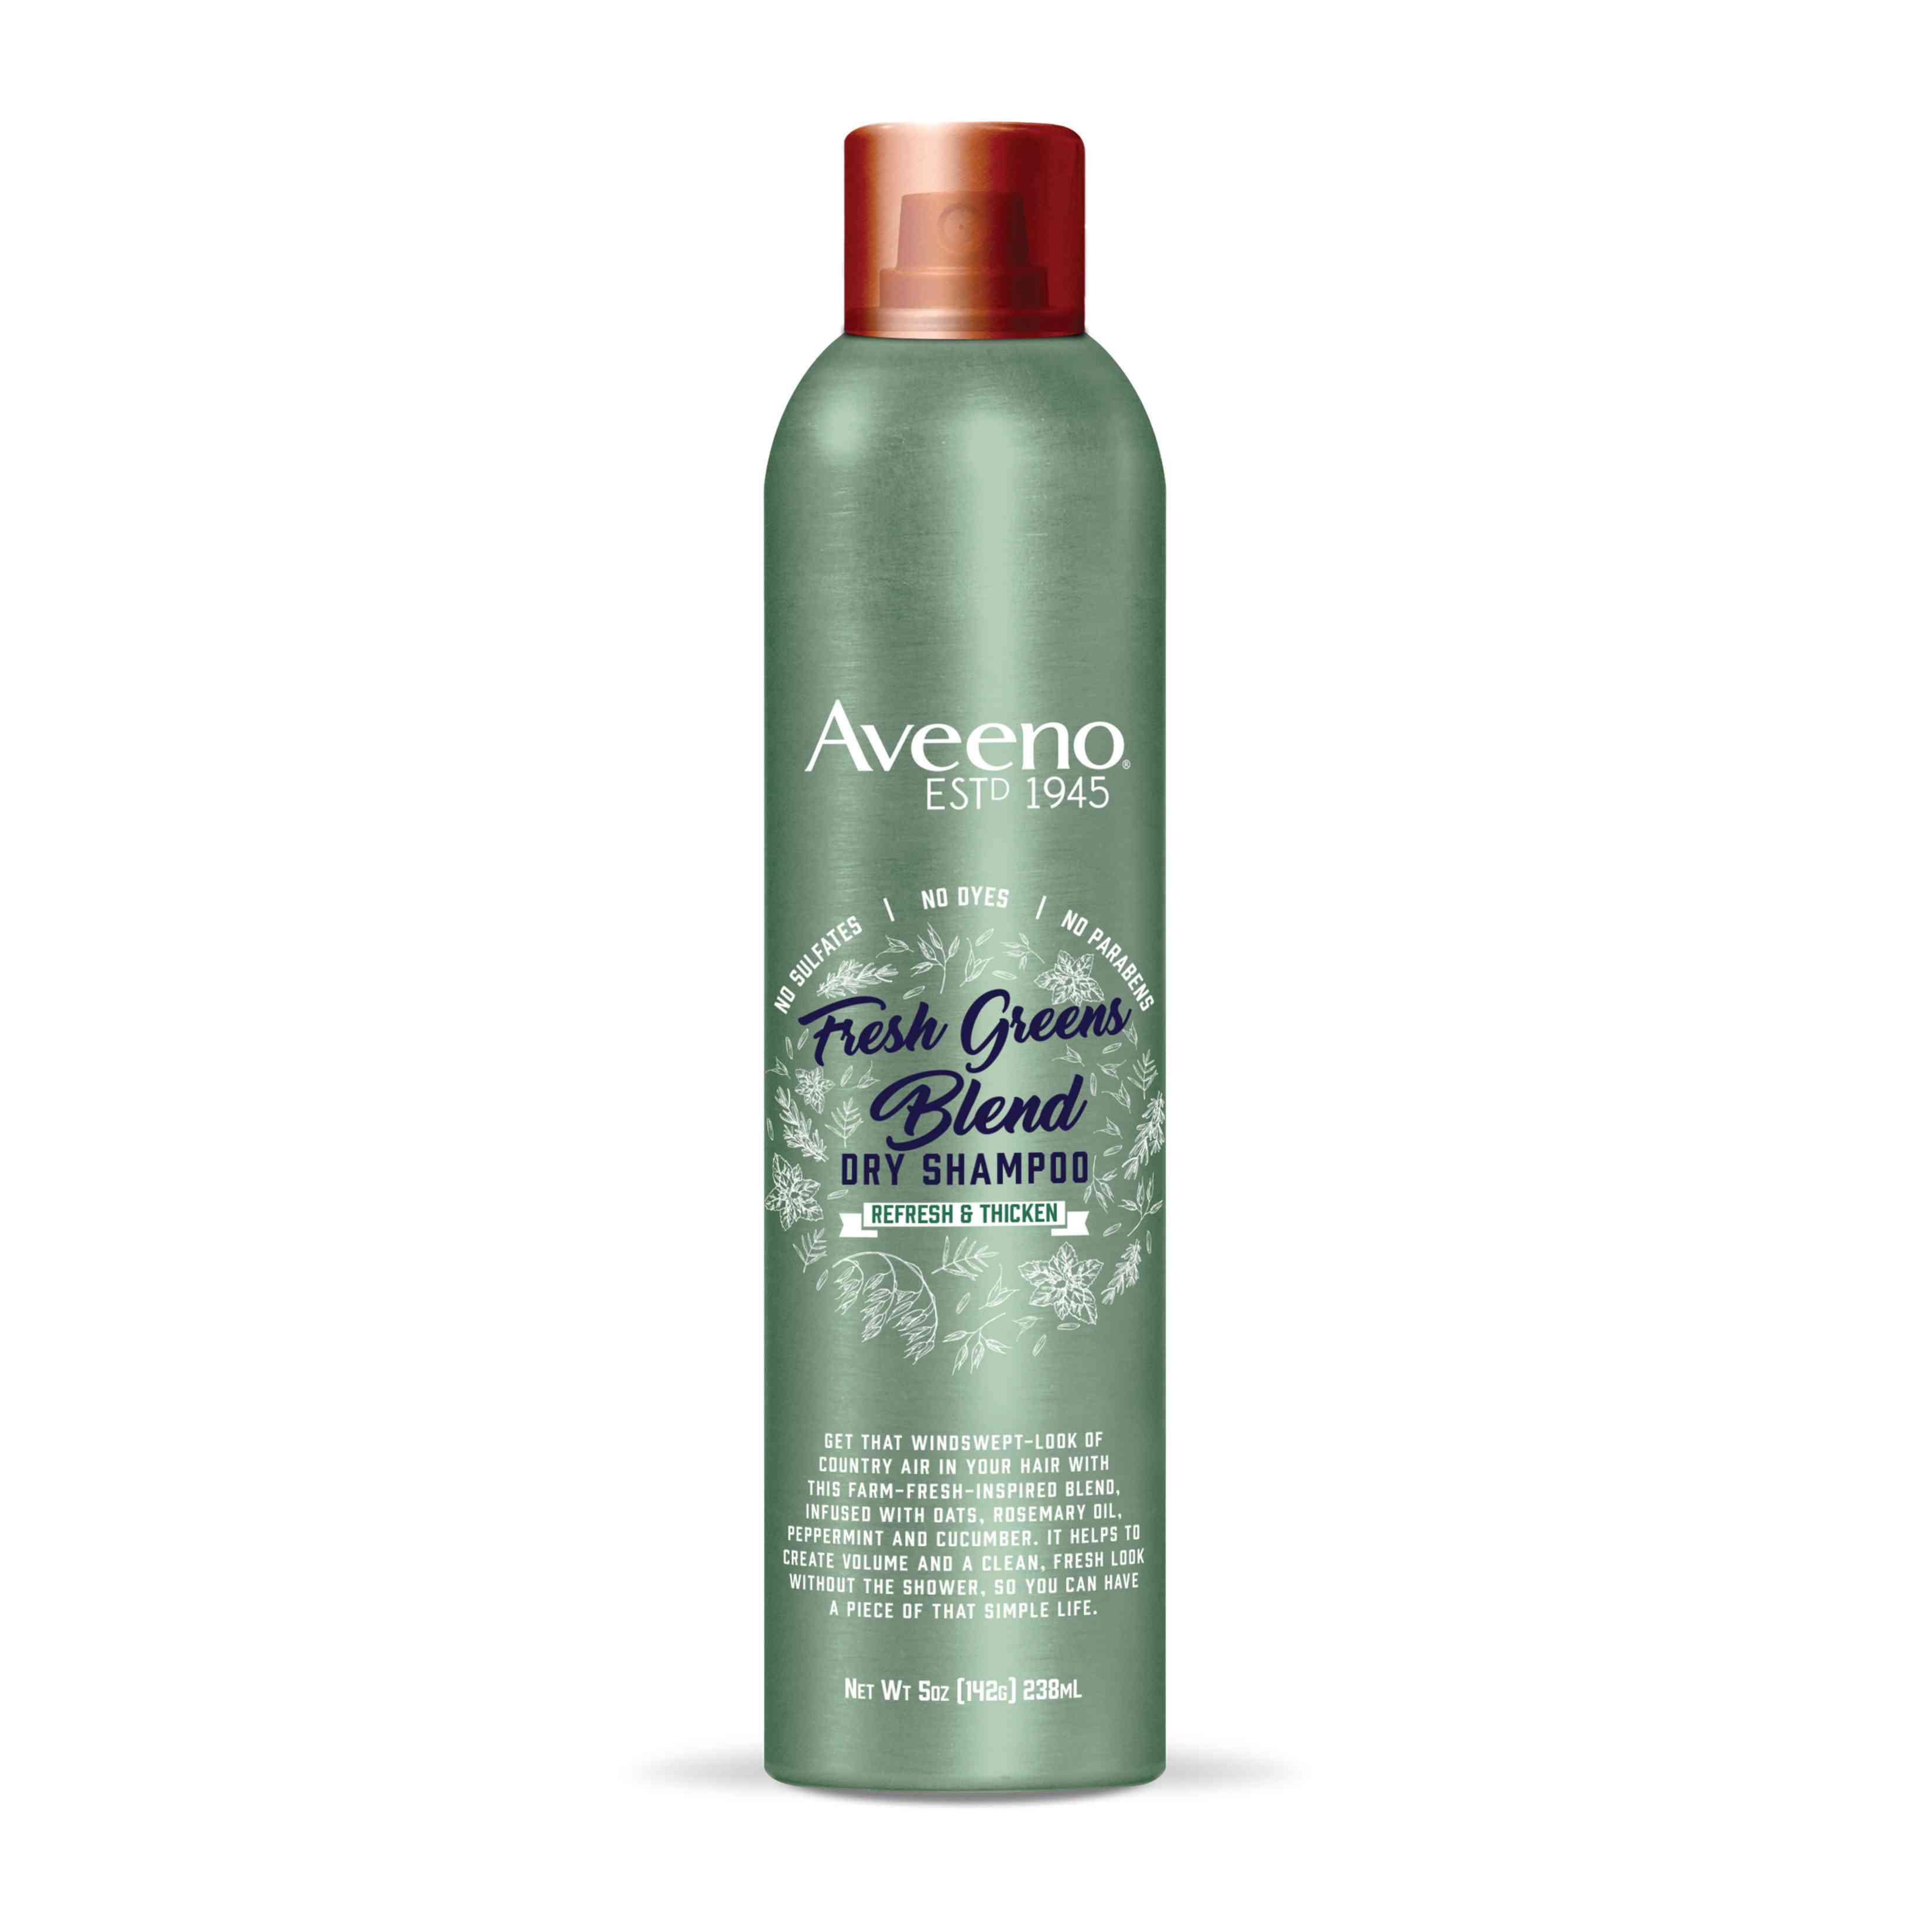 Aveeno Fresh Greens Dry Shampoo